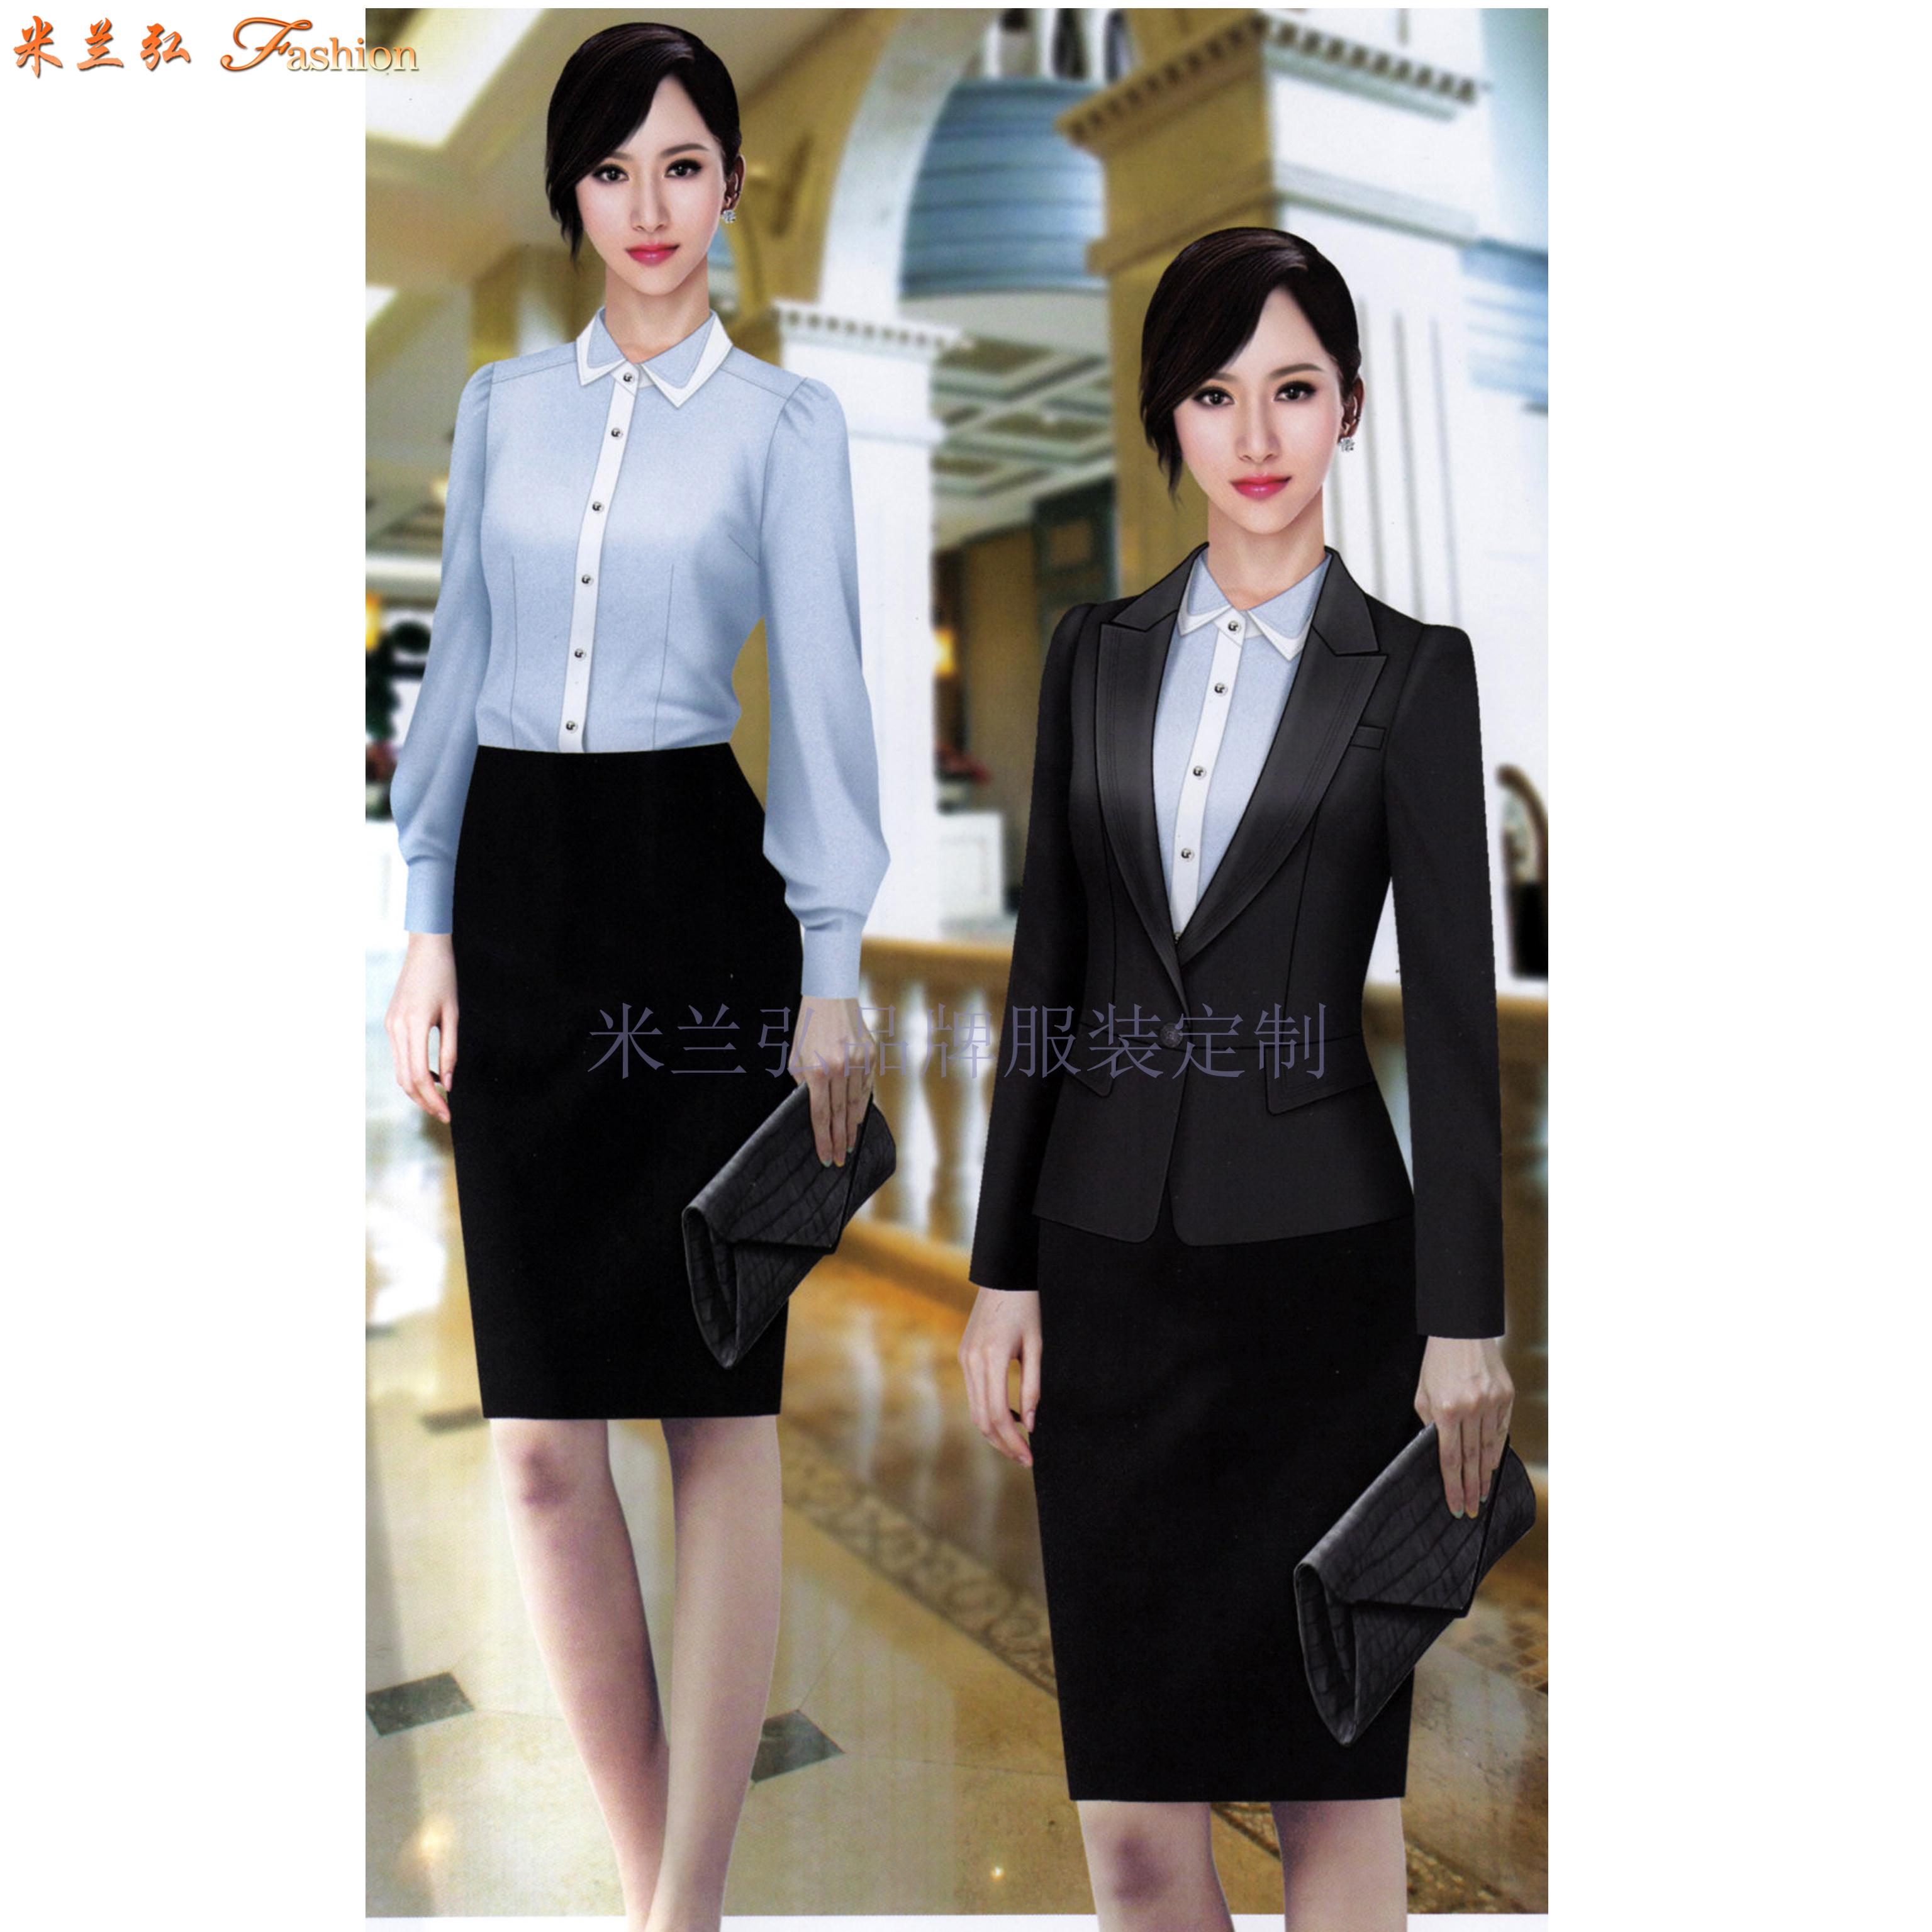 女士冬季職業裝搭配款式套裝_新款潮流女式職業裝-米蘭弘職業裝-1